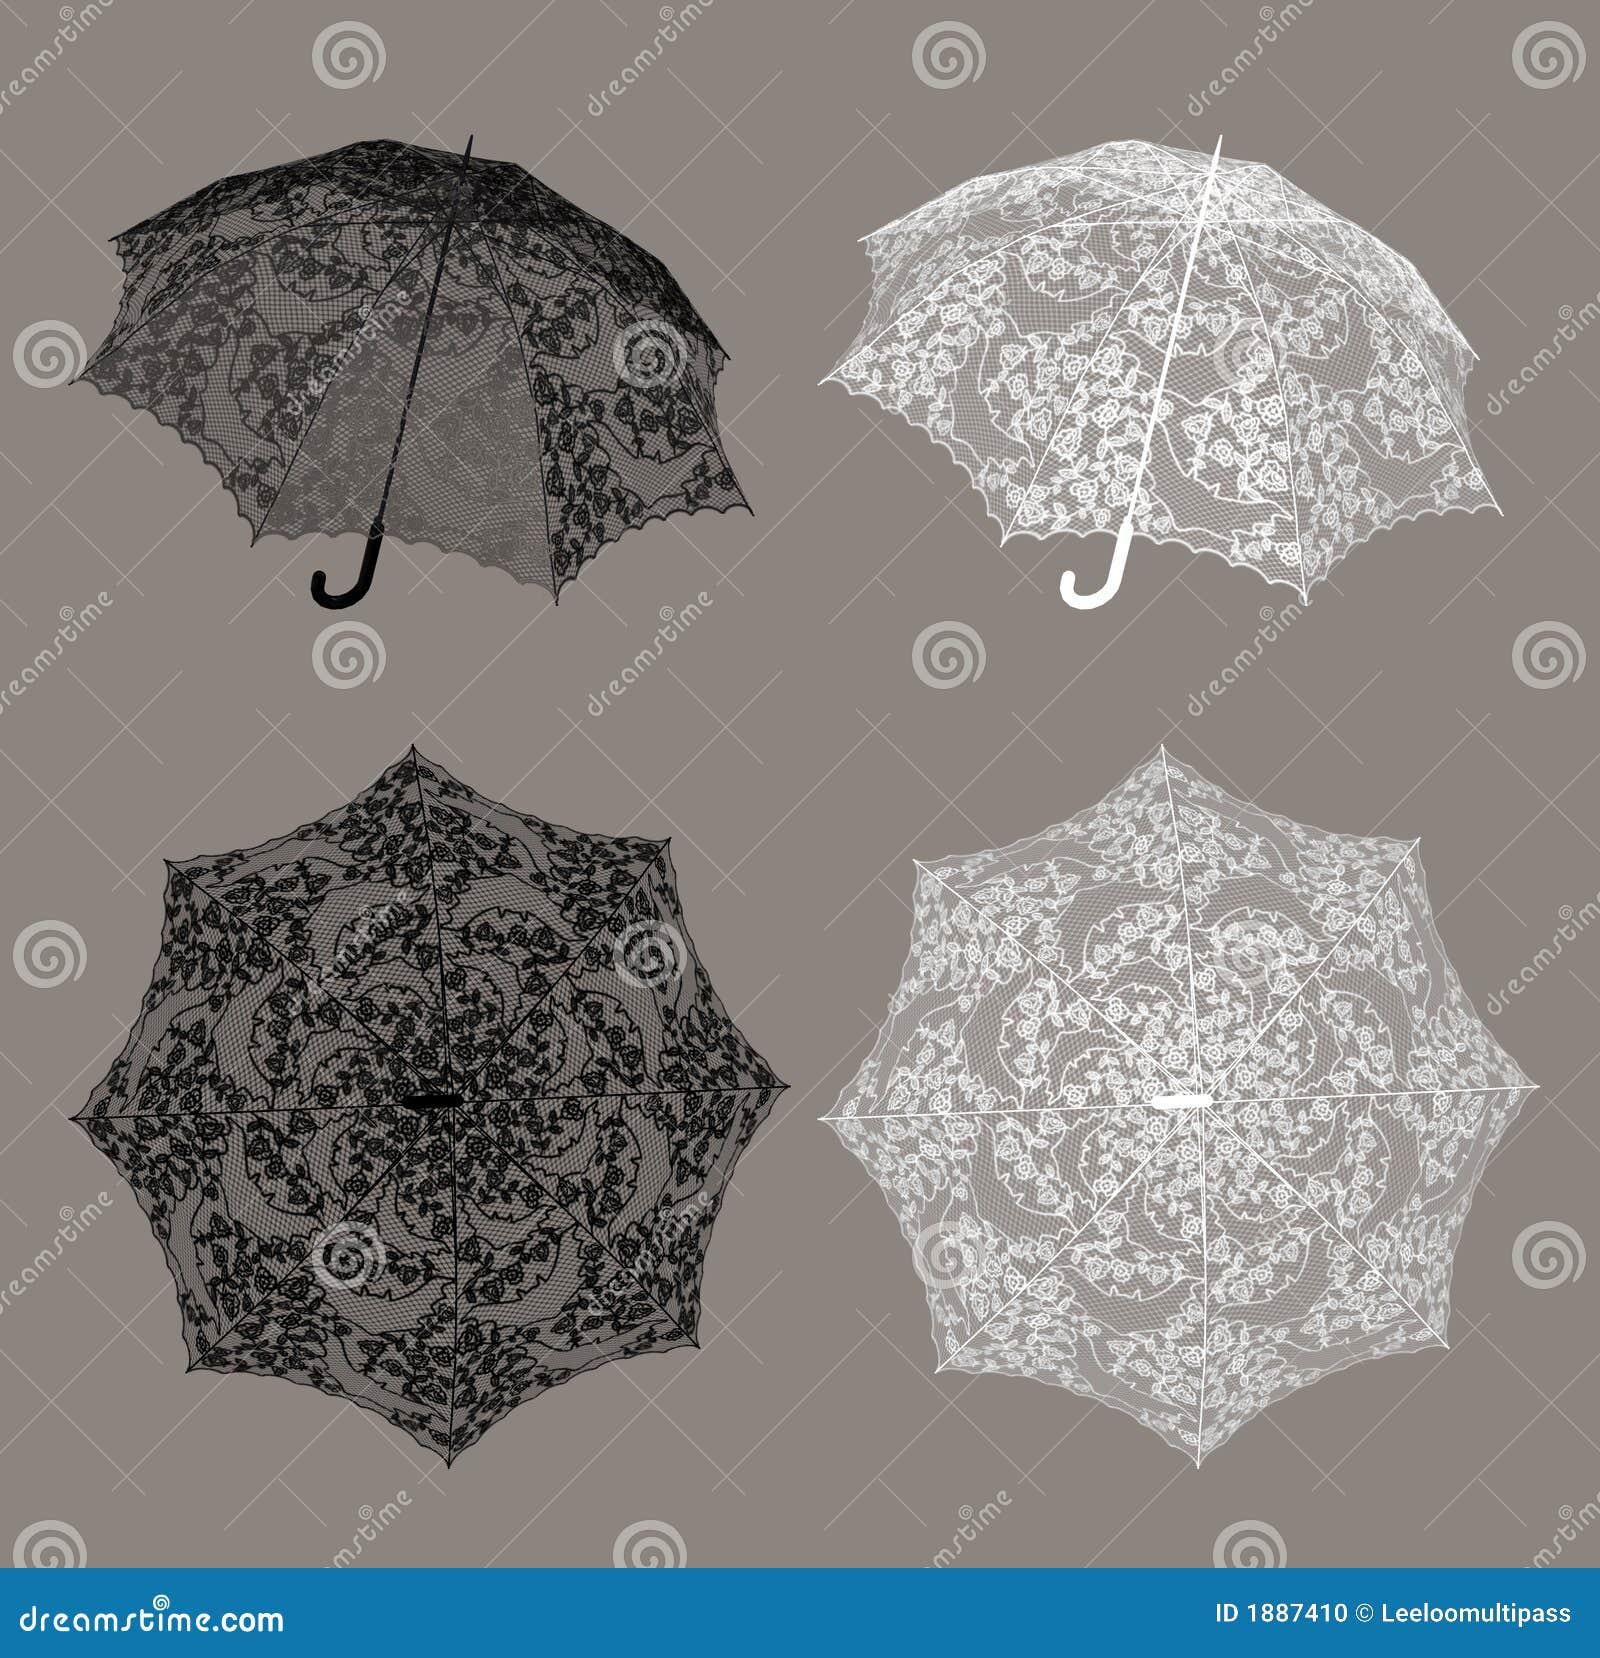 Spitze-Regenschirm